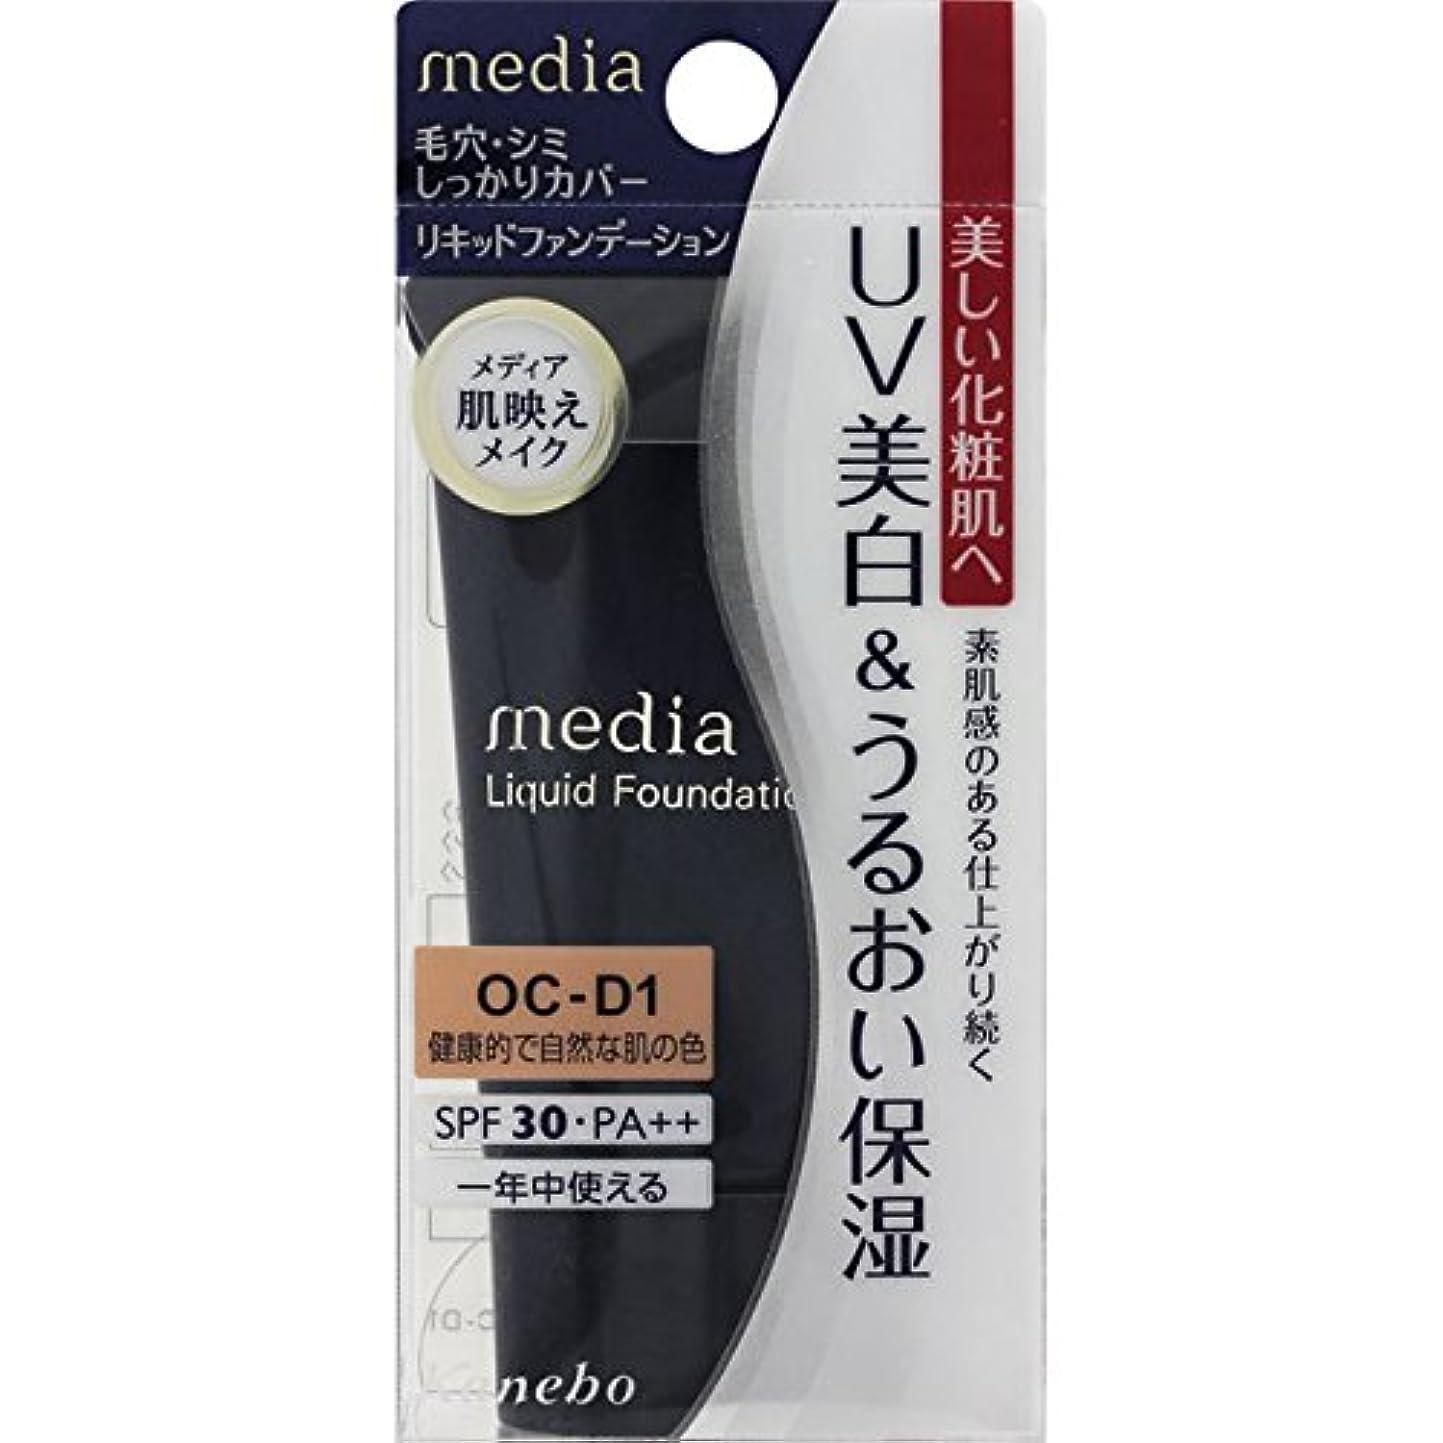 アーティファクトまともな外国人カネボウ メディア(media)リキッドファンデーションUV カラー:OC-D1